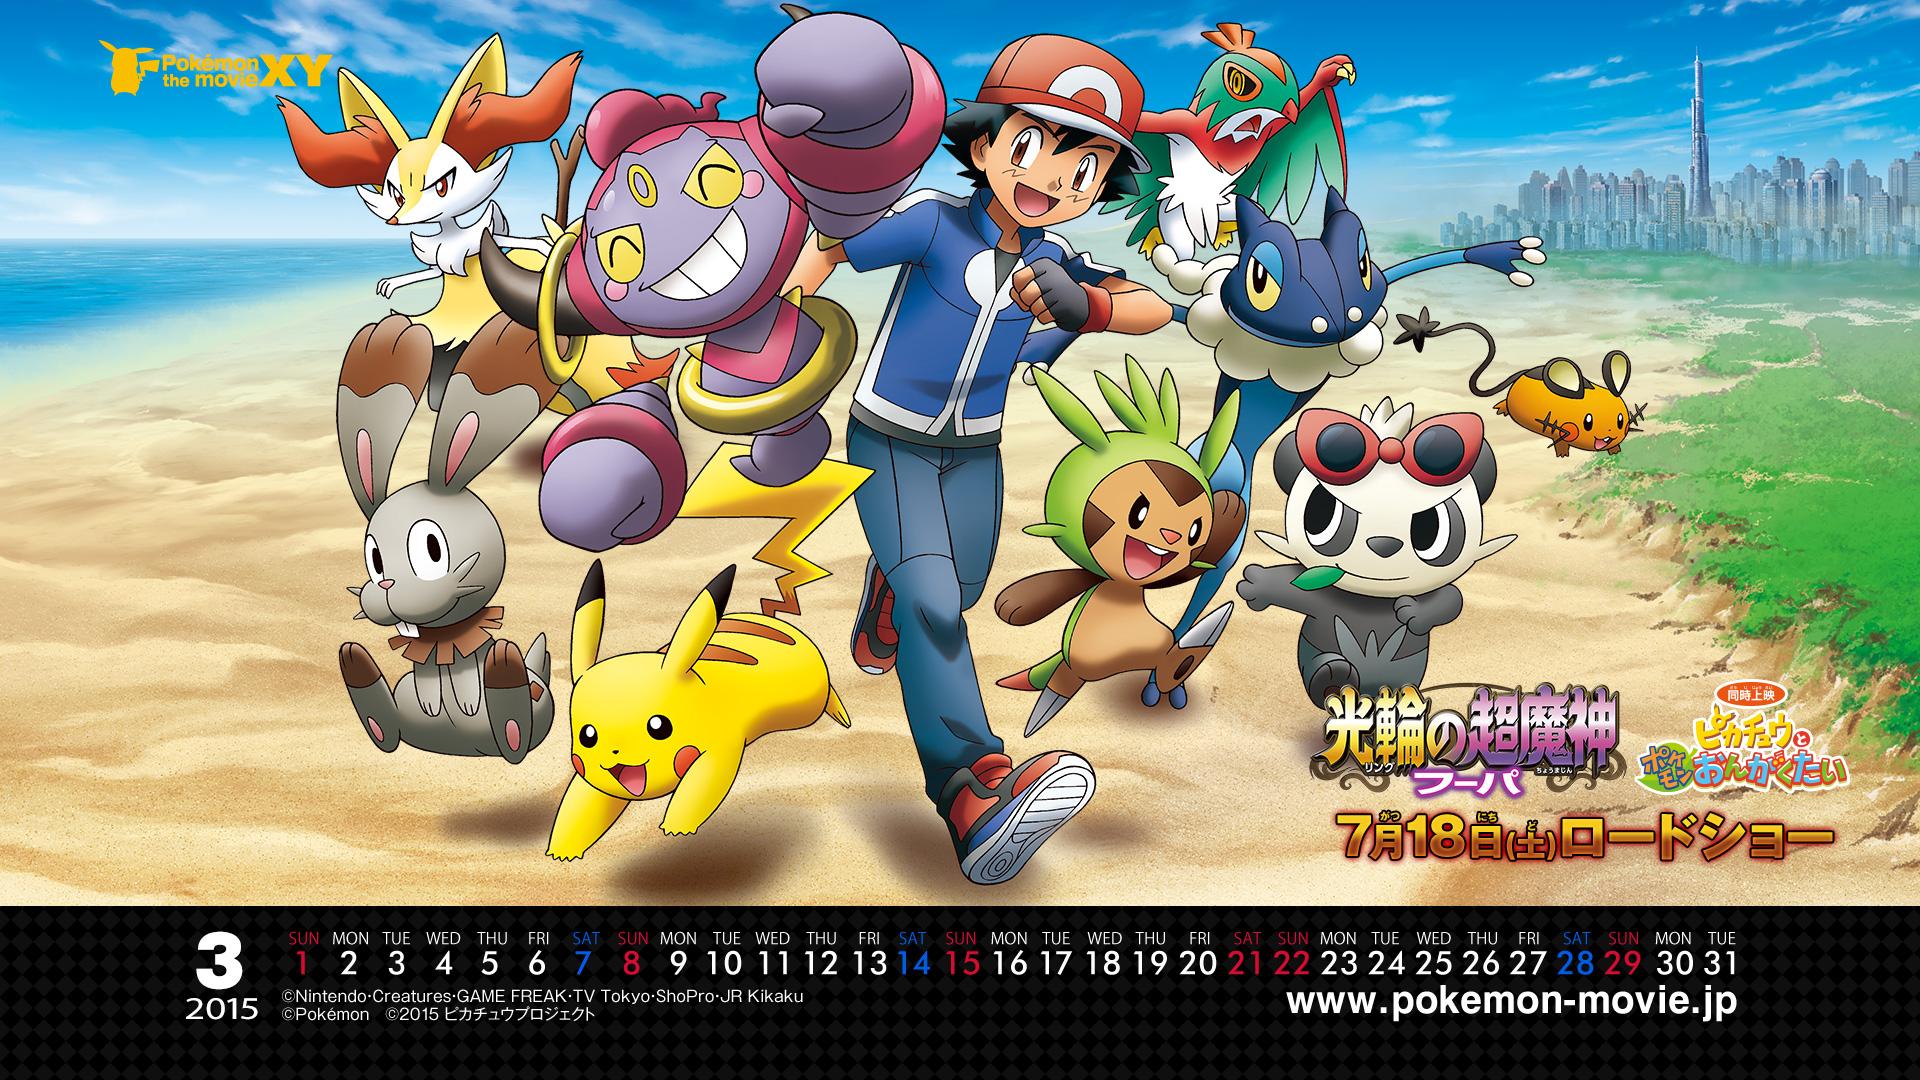 ポケモン カレンダー壁紙 2015年3月 ポケモン映画公式サイト ポケモン